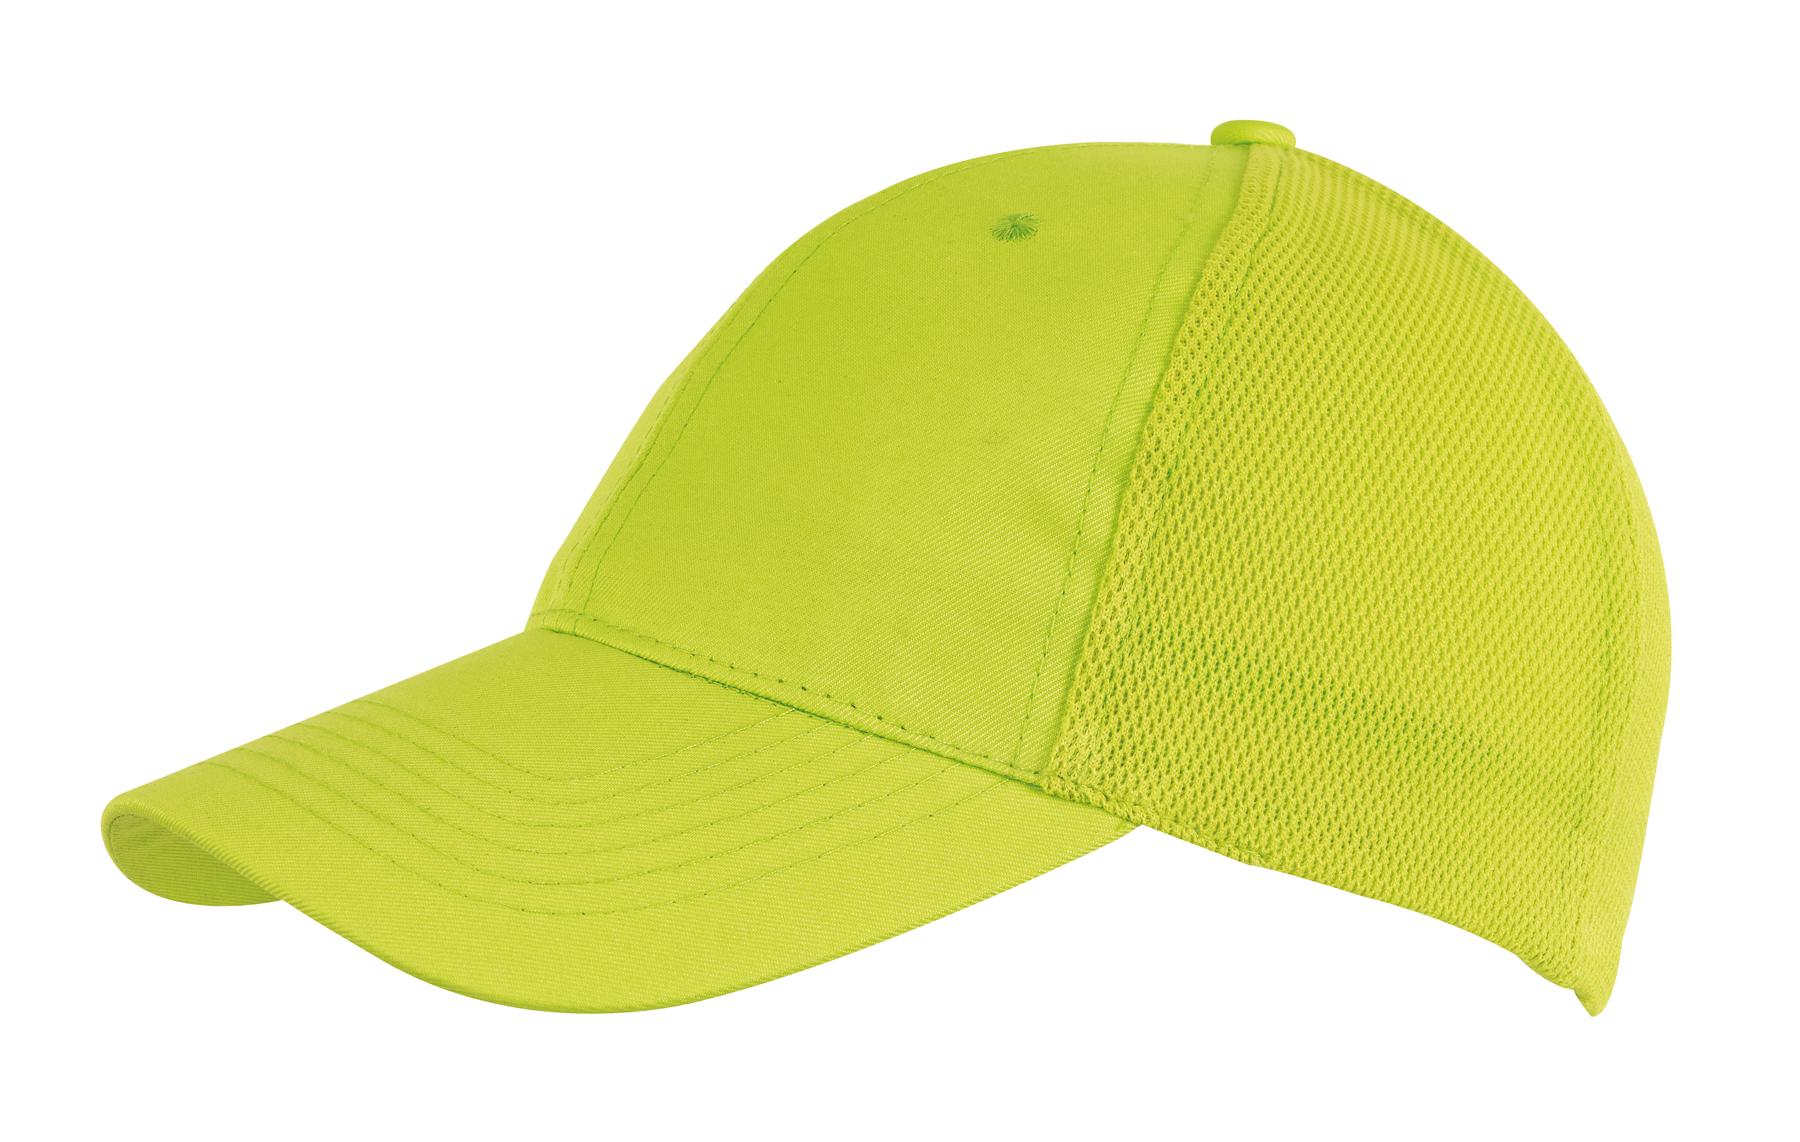 6 segmentowa czapka PITCHER, zielone jabłko